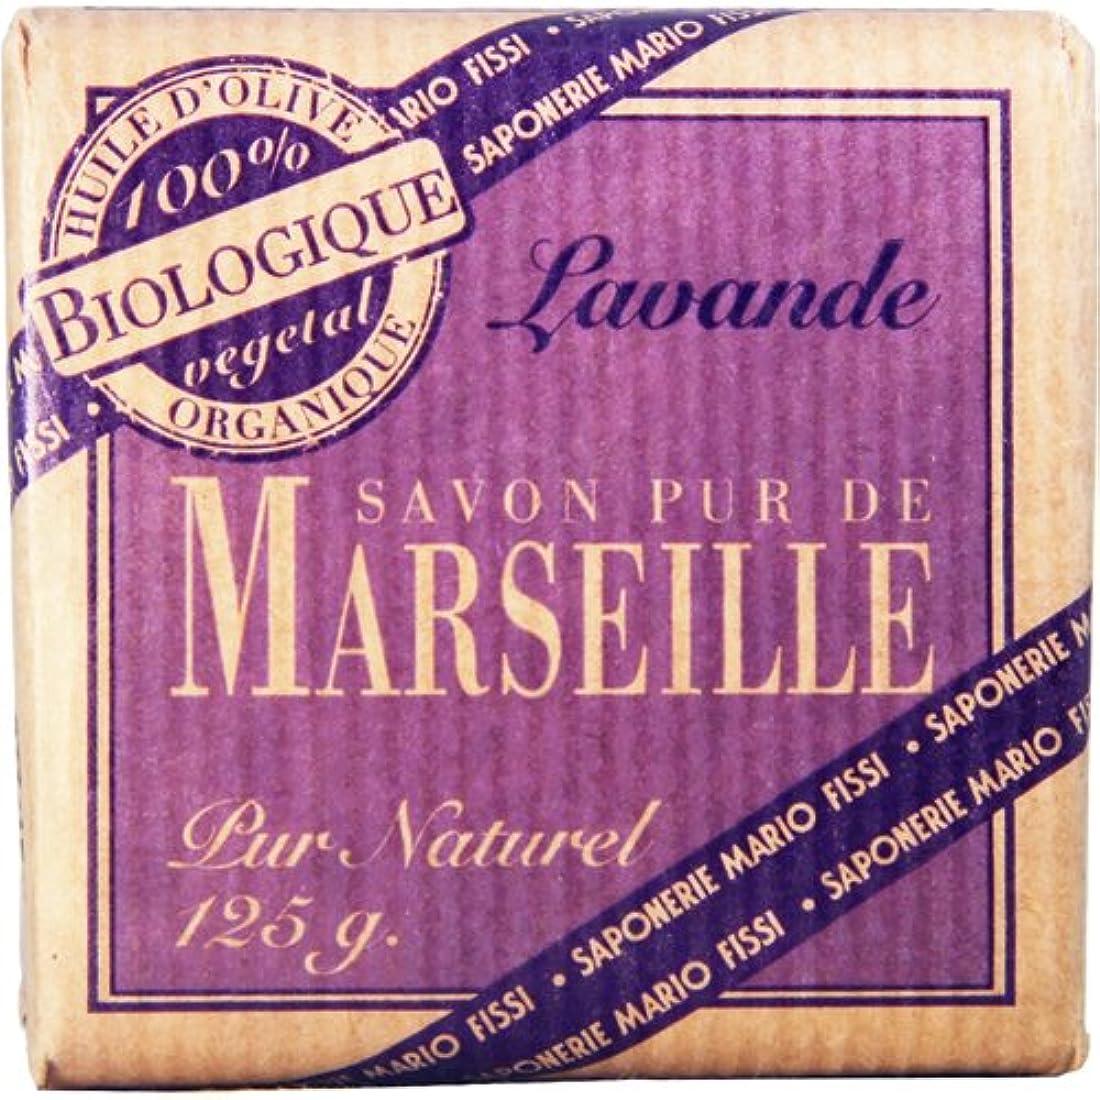 眉をひそめるコークスジョージバーナードSaponerire Fissi マルセイユシリーズ マルセイユソープ 125g Lavender ラベンダー